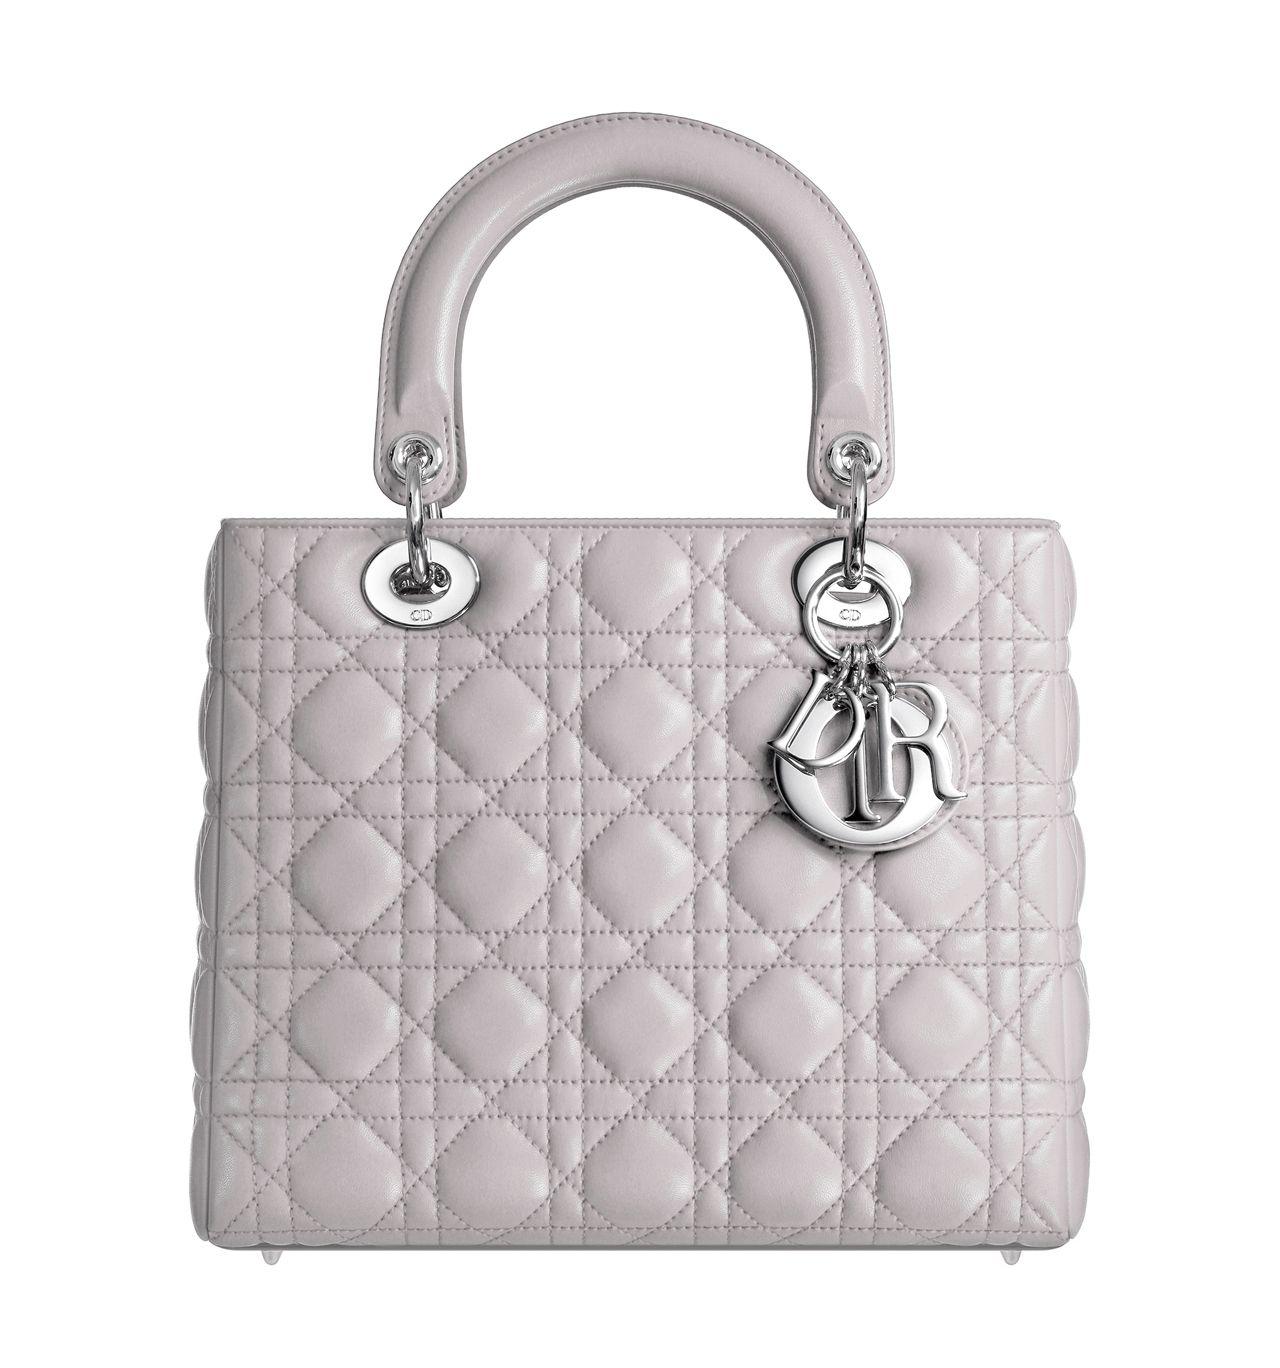 9a2577fbf8a6 Dior Fashion